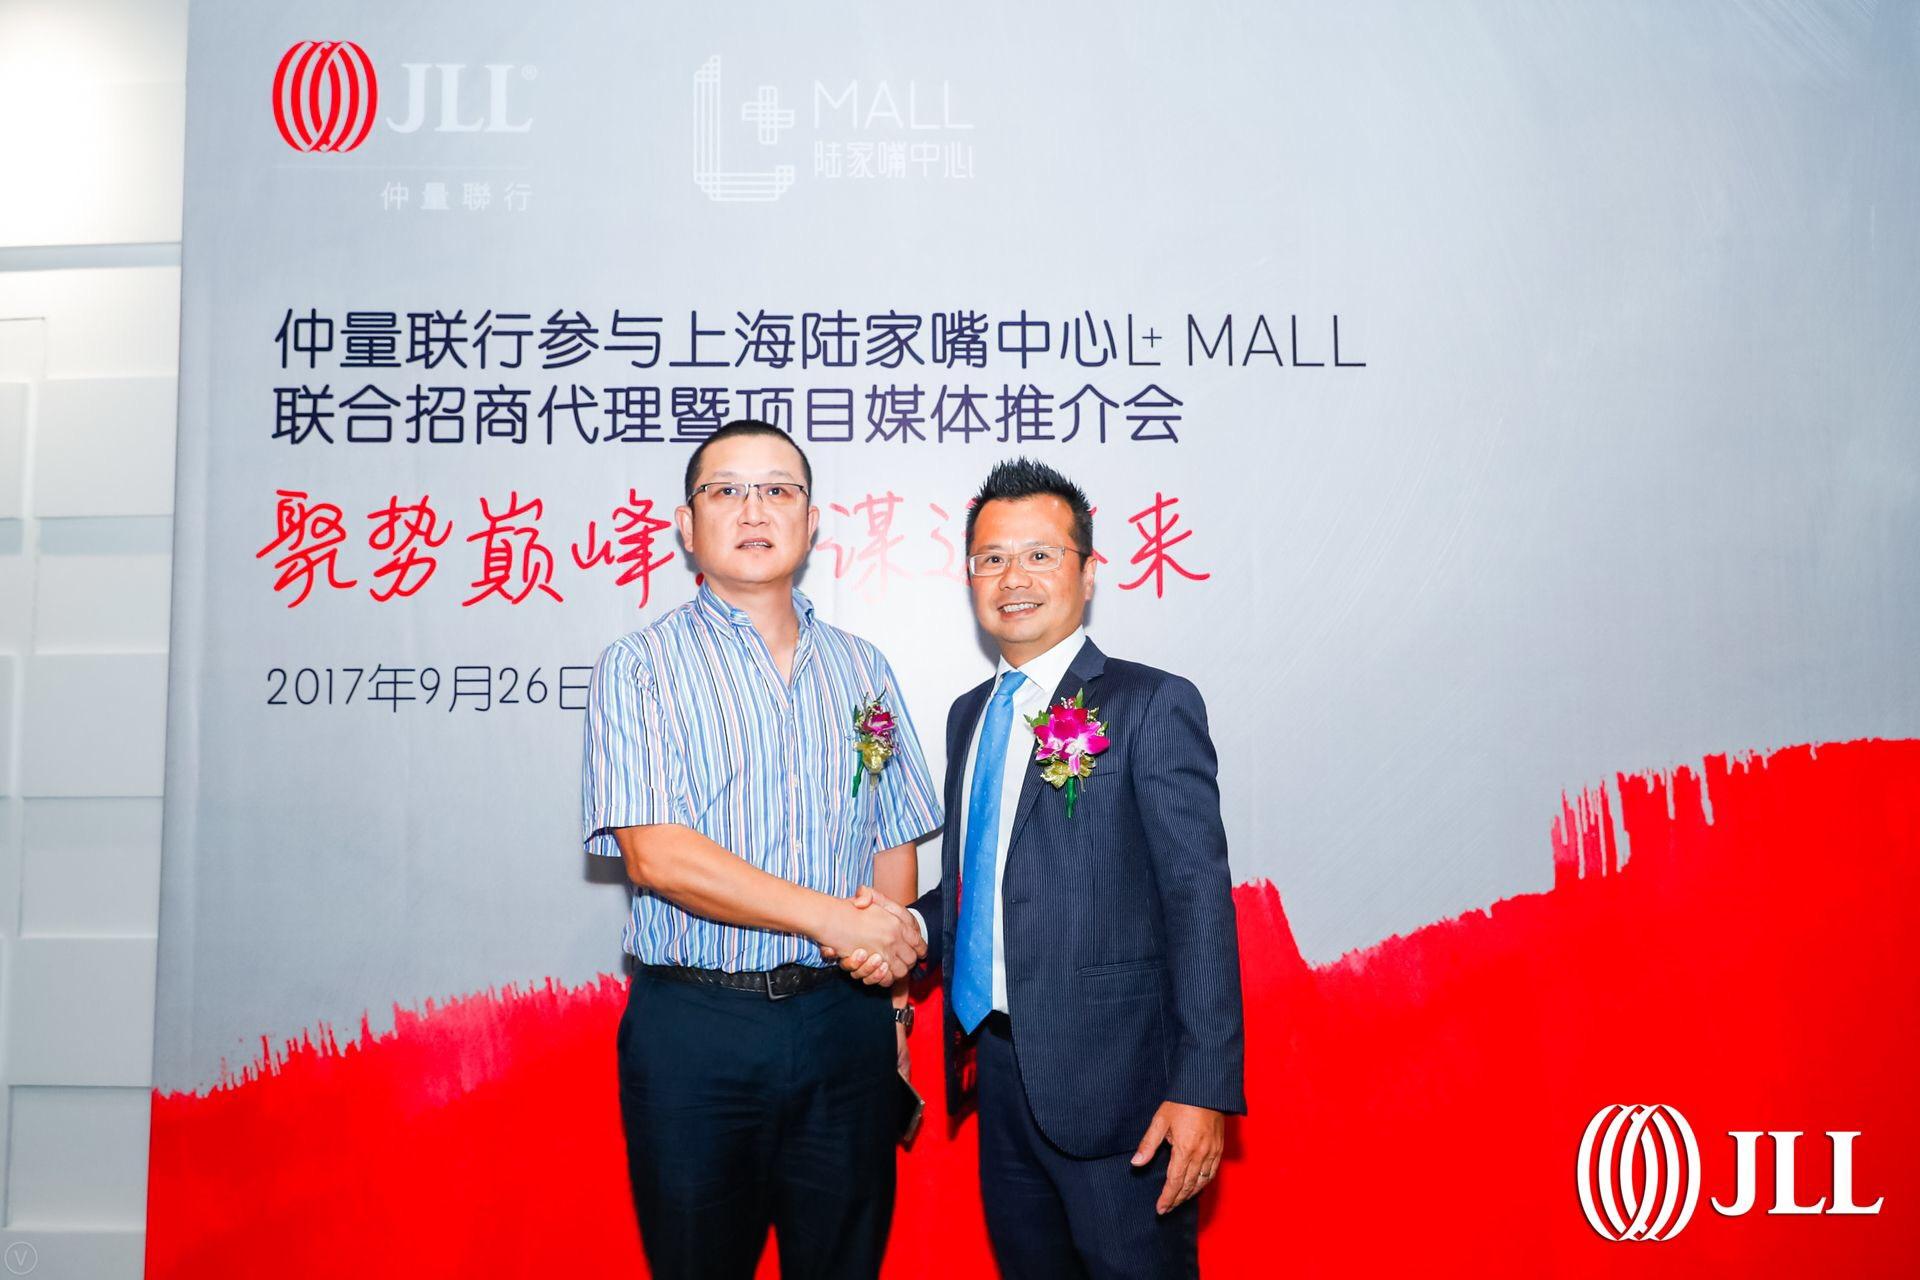 2018年罕见的位于核心CBD区域的项目:上海陆家嘴中心 L+ MALL